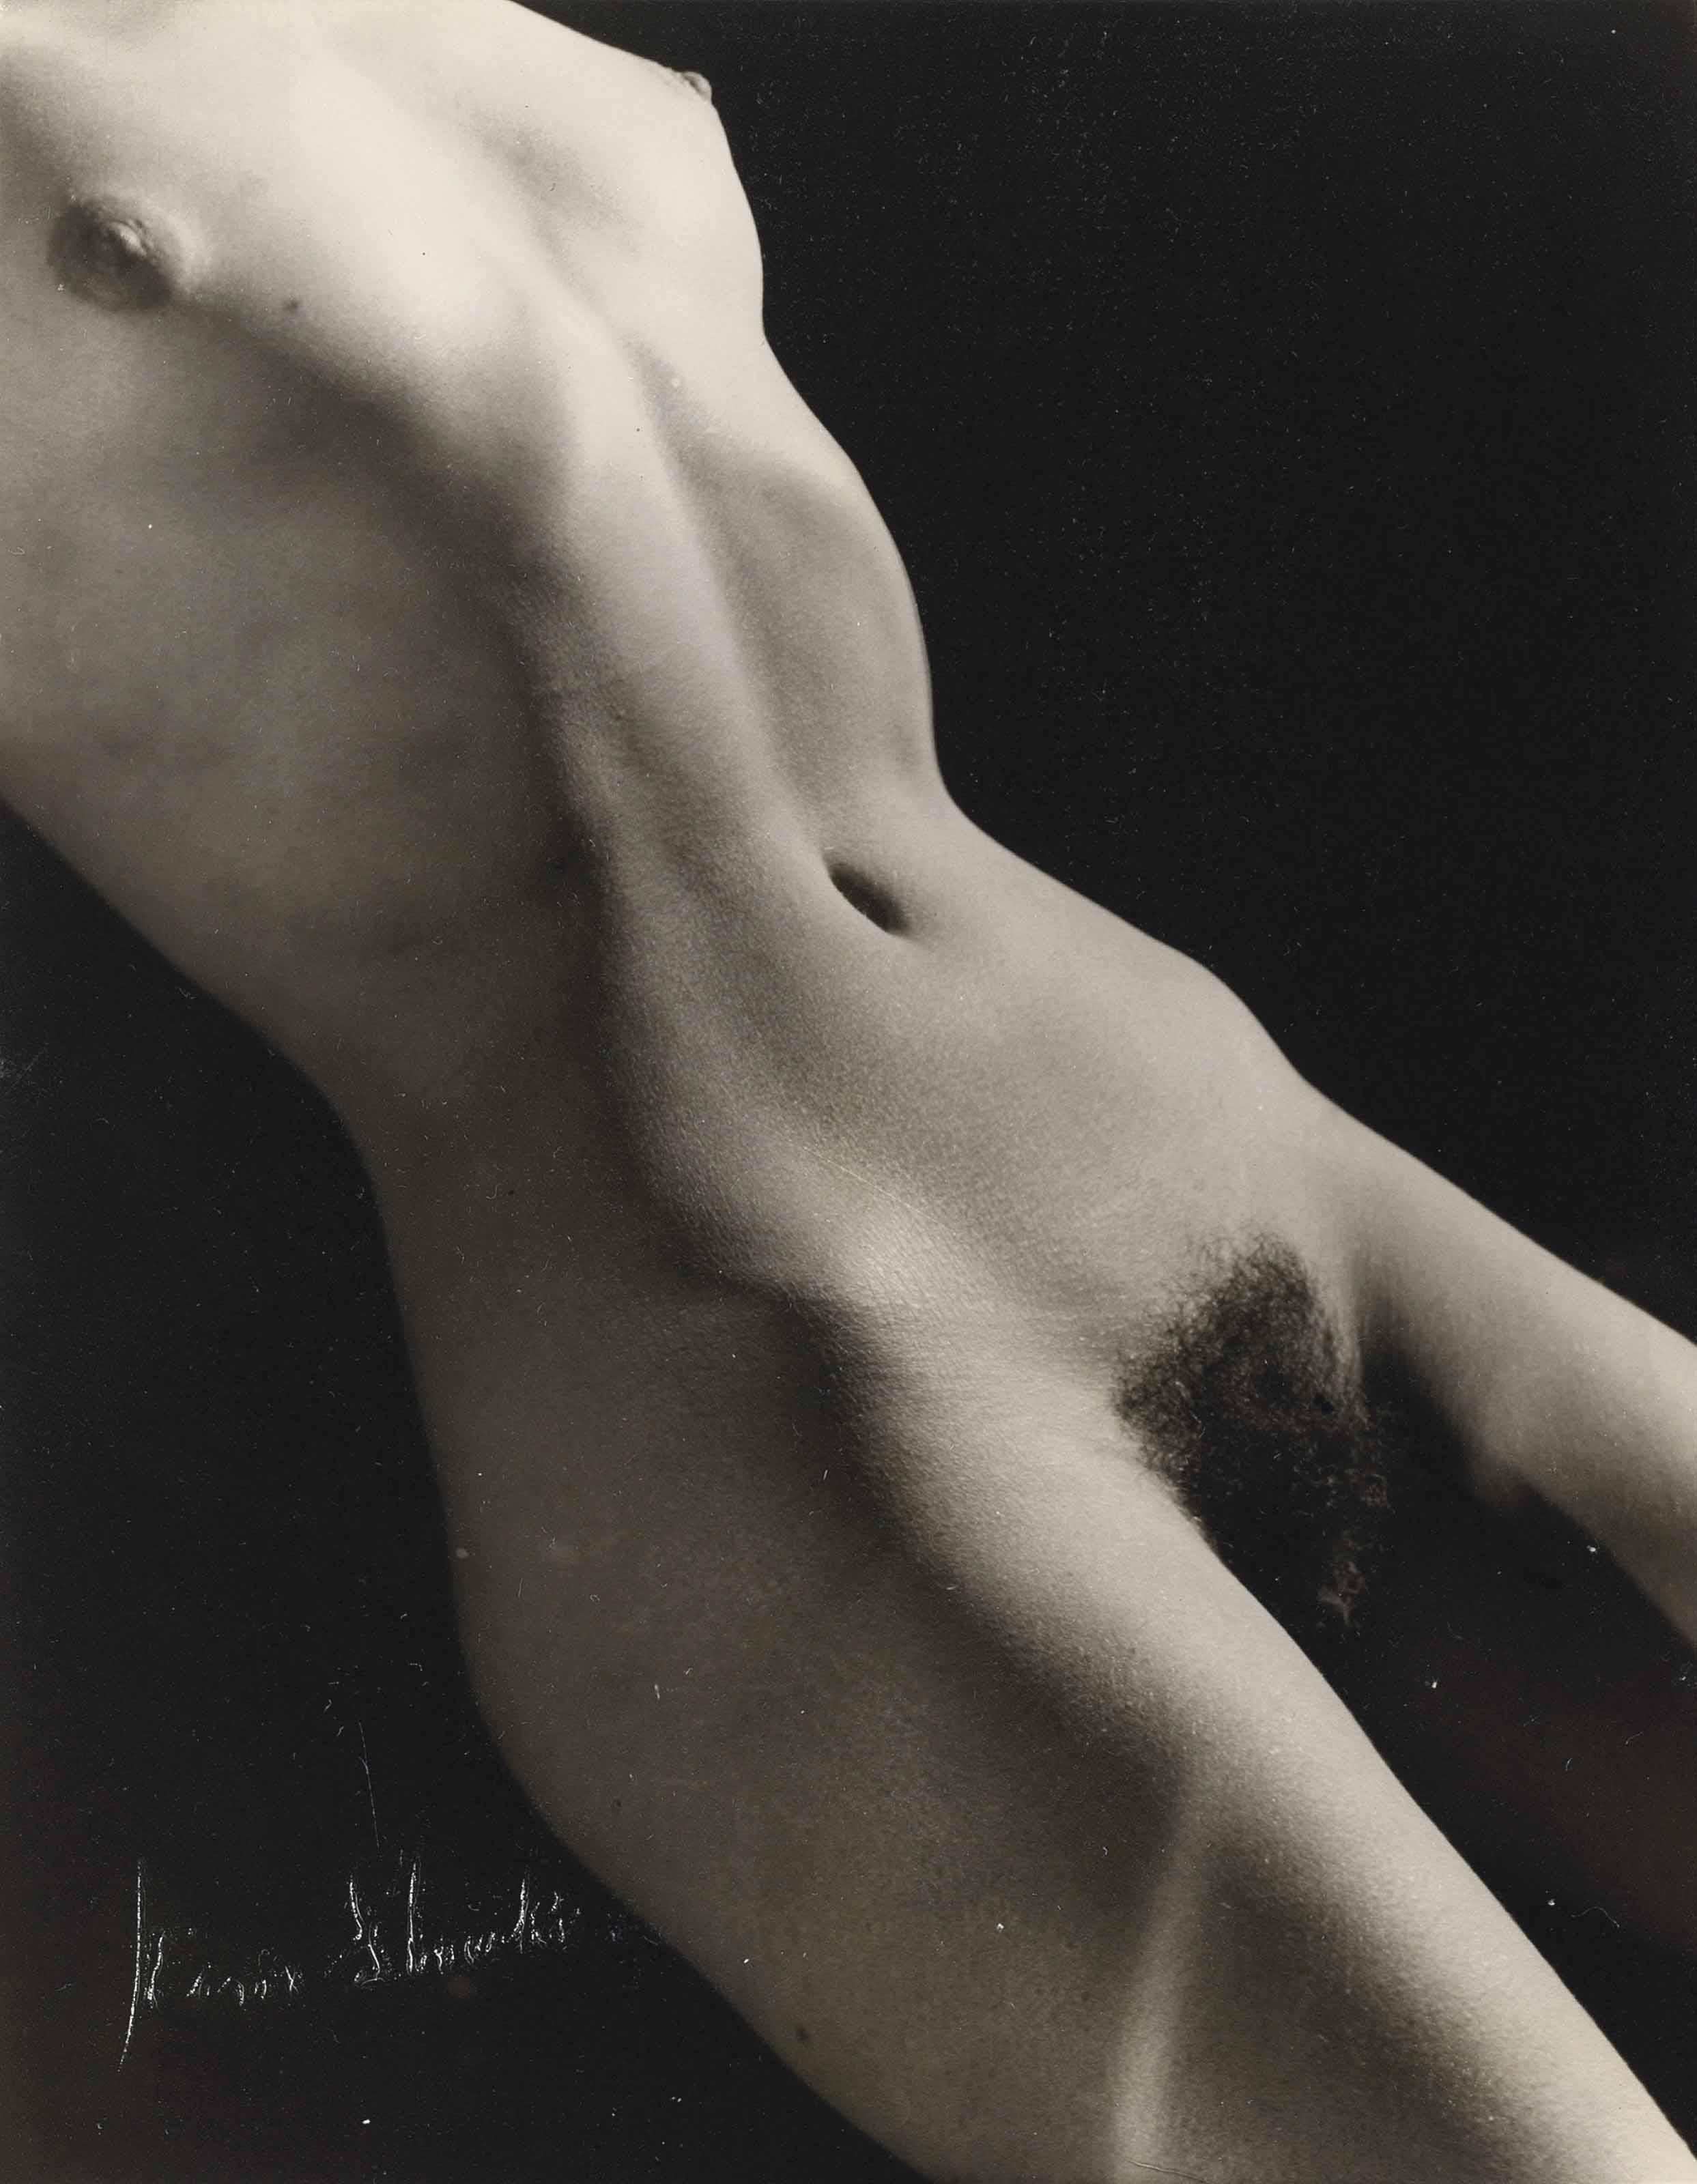 JEAN STRAKER (1913-1984)